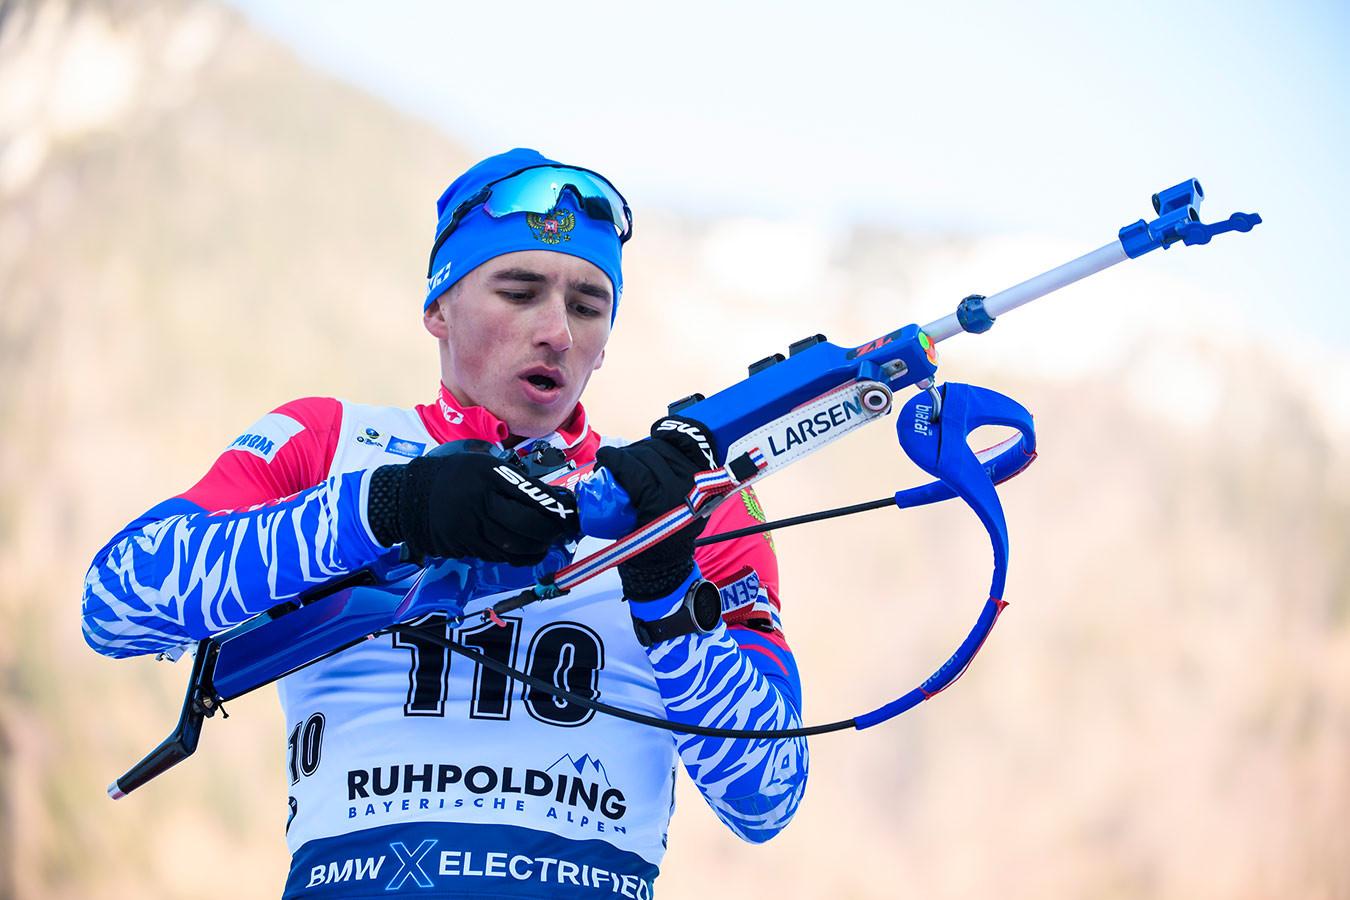 rossija-stala-vtoroj-v-estafete-na-che-po-biatlonu_15828714061699076928